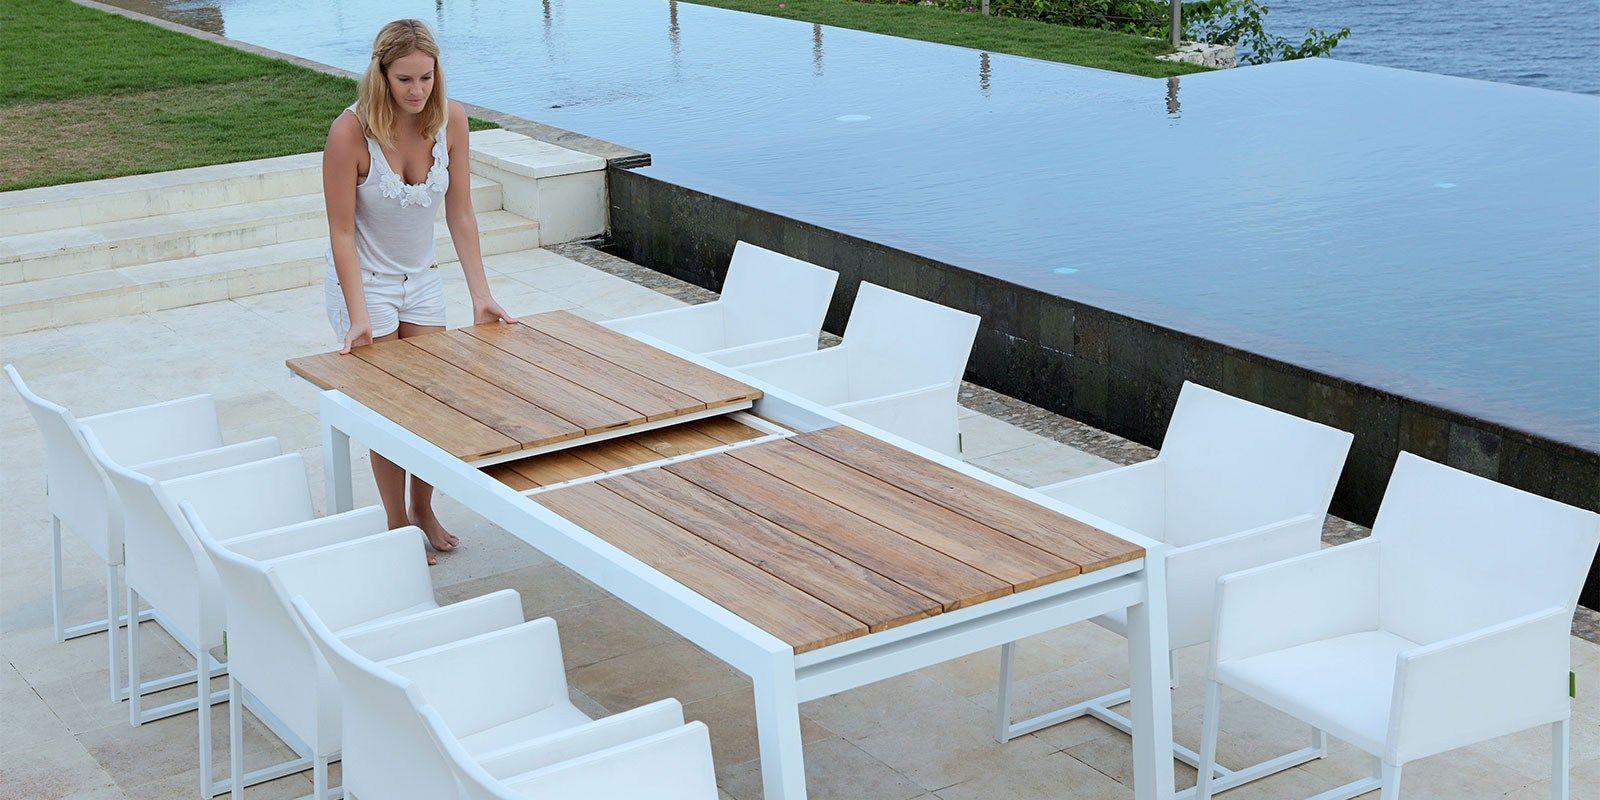 Tavolo allungabile da giardino in alluminio e legno baia - Tavoli per esterno ...